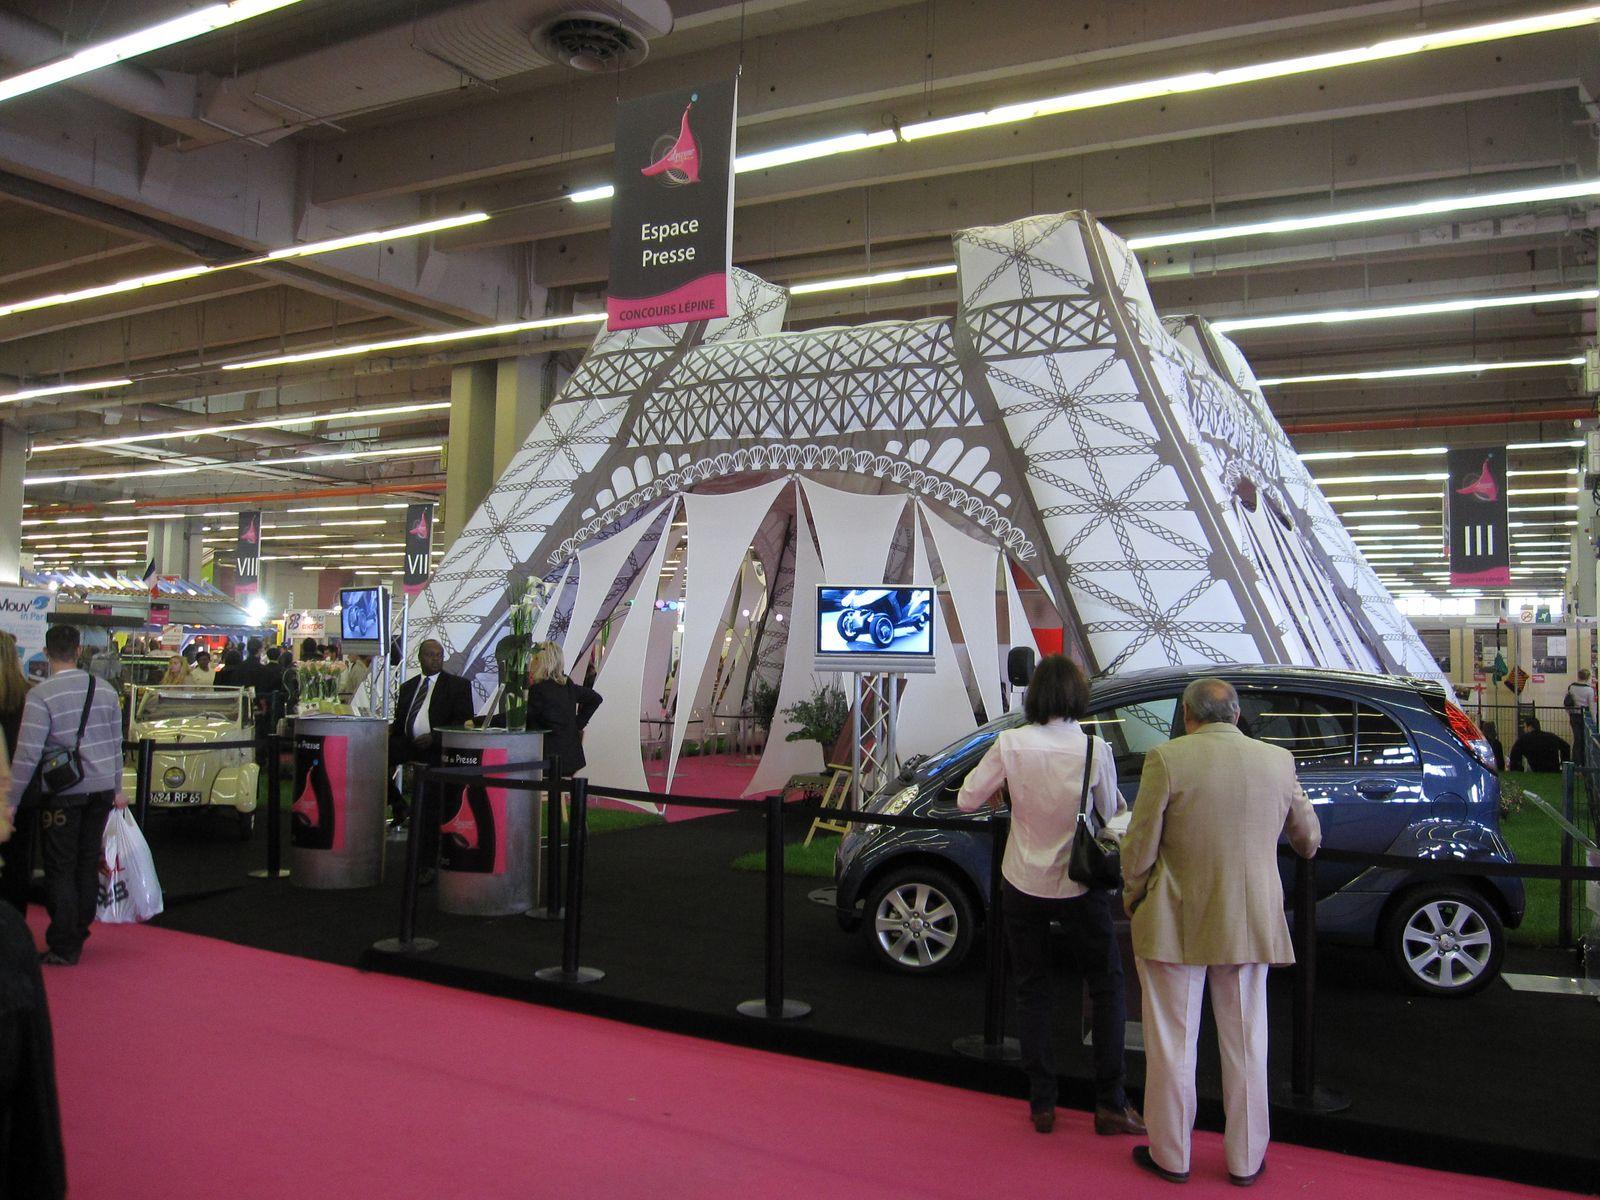 En direct de la foire de paris 2010 le palmar s du concours l pine - Foire de paris concours lepine ...